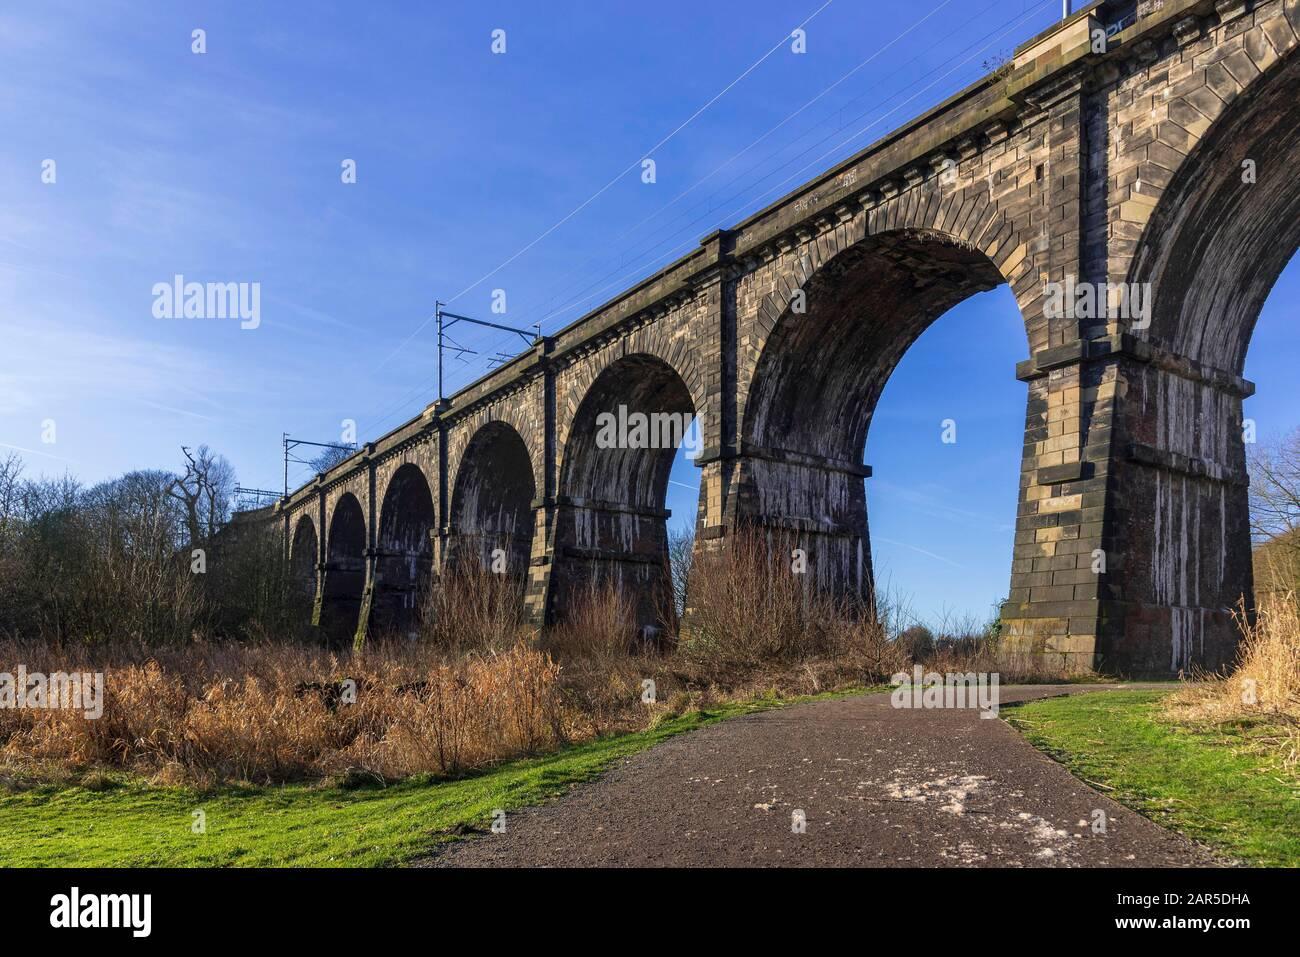 Sankey Valley railway viaduct at Earlestown. The earliest major railway viaduct in the world Stock Photo